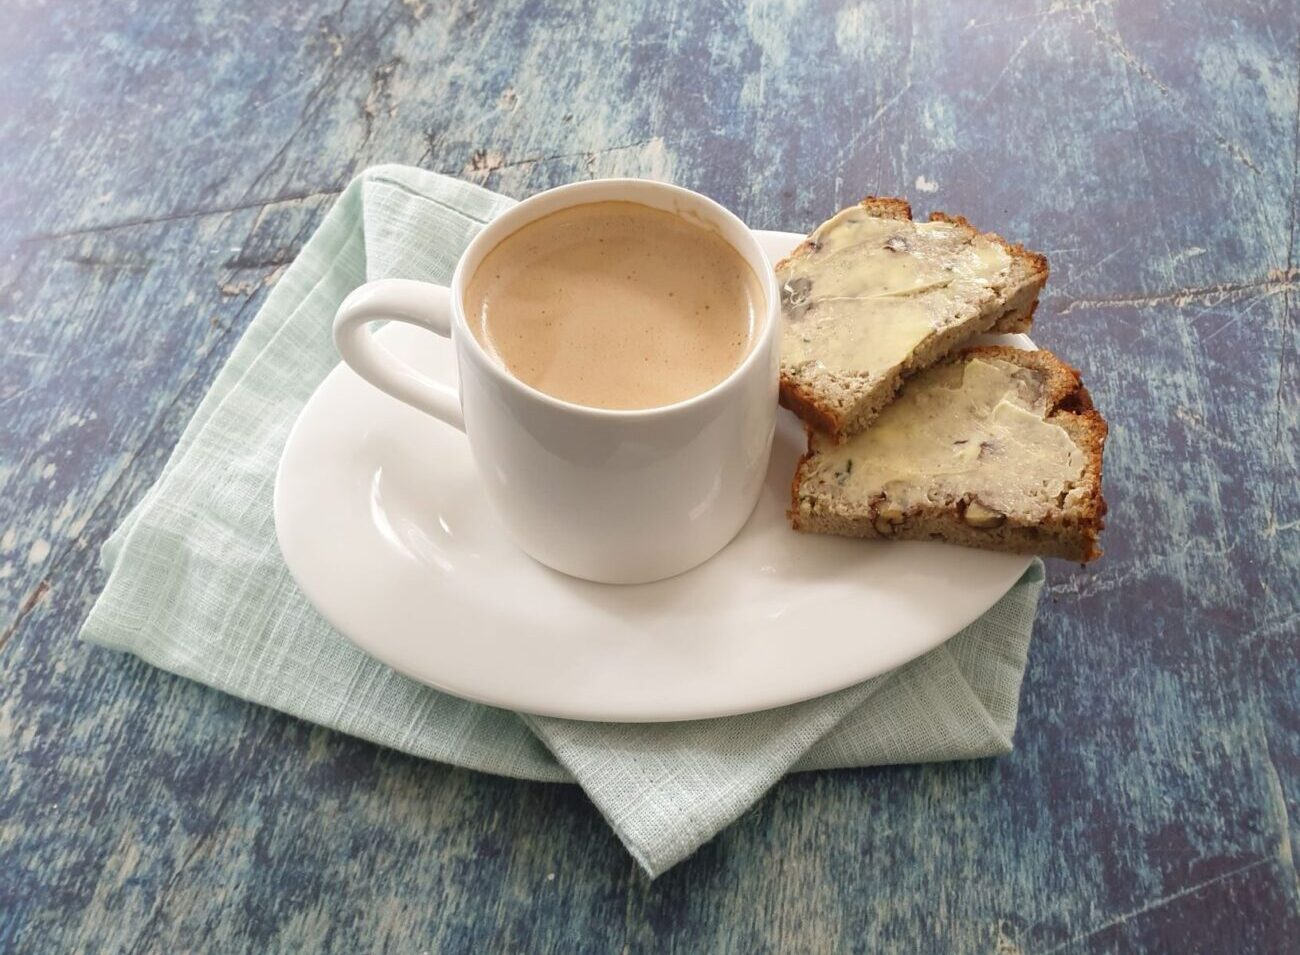 Keto Zucchini Bread